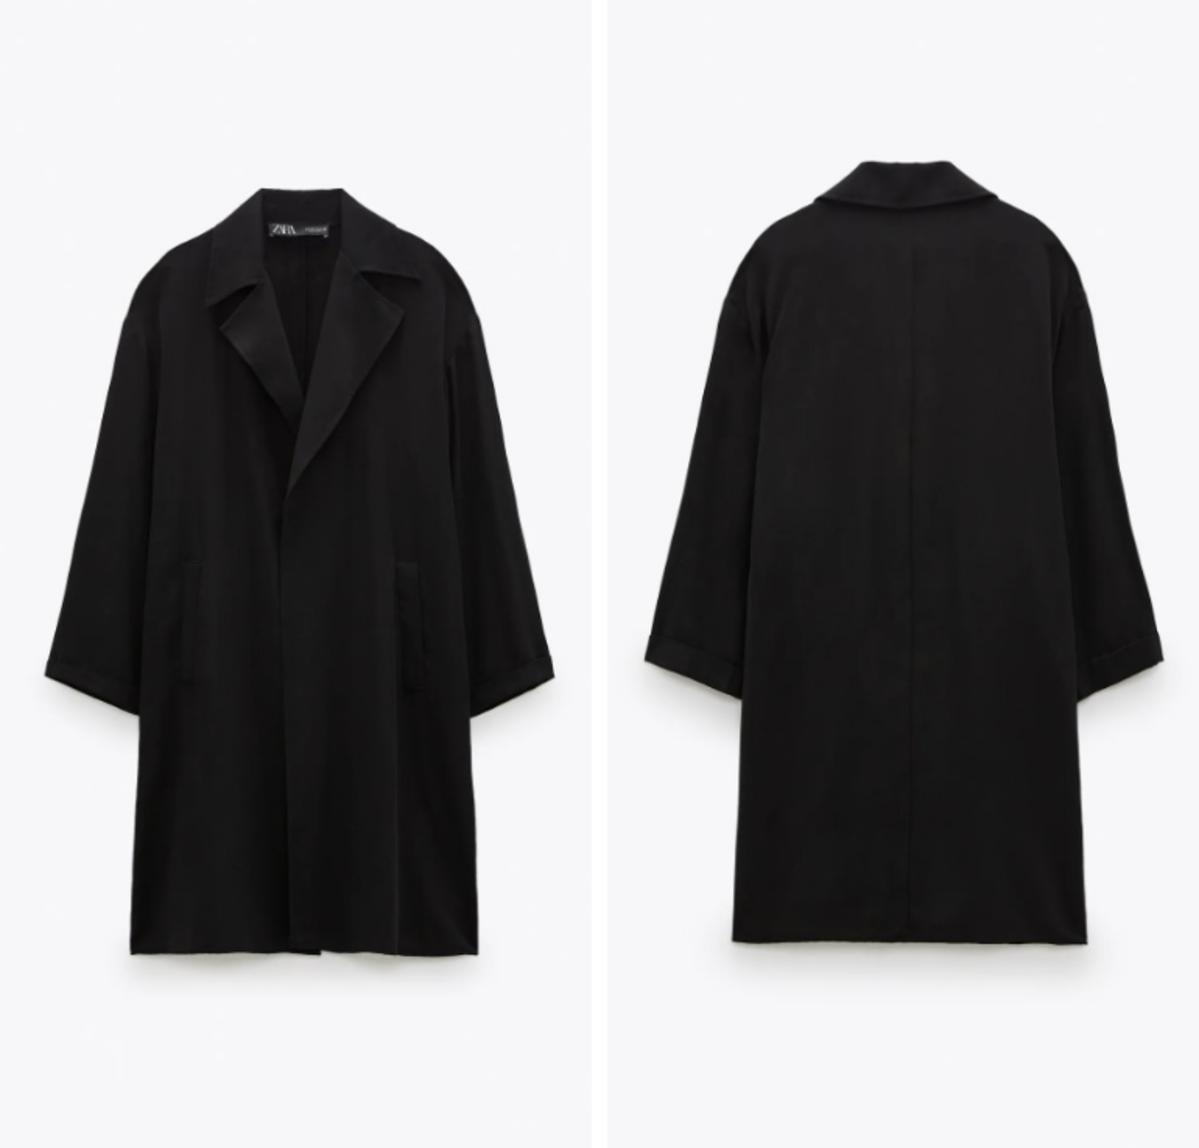 Trendy jesień 2020 Czarny płaszcz Zara 139 zł